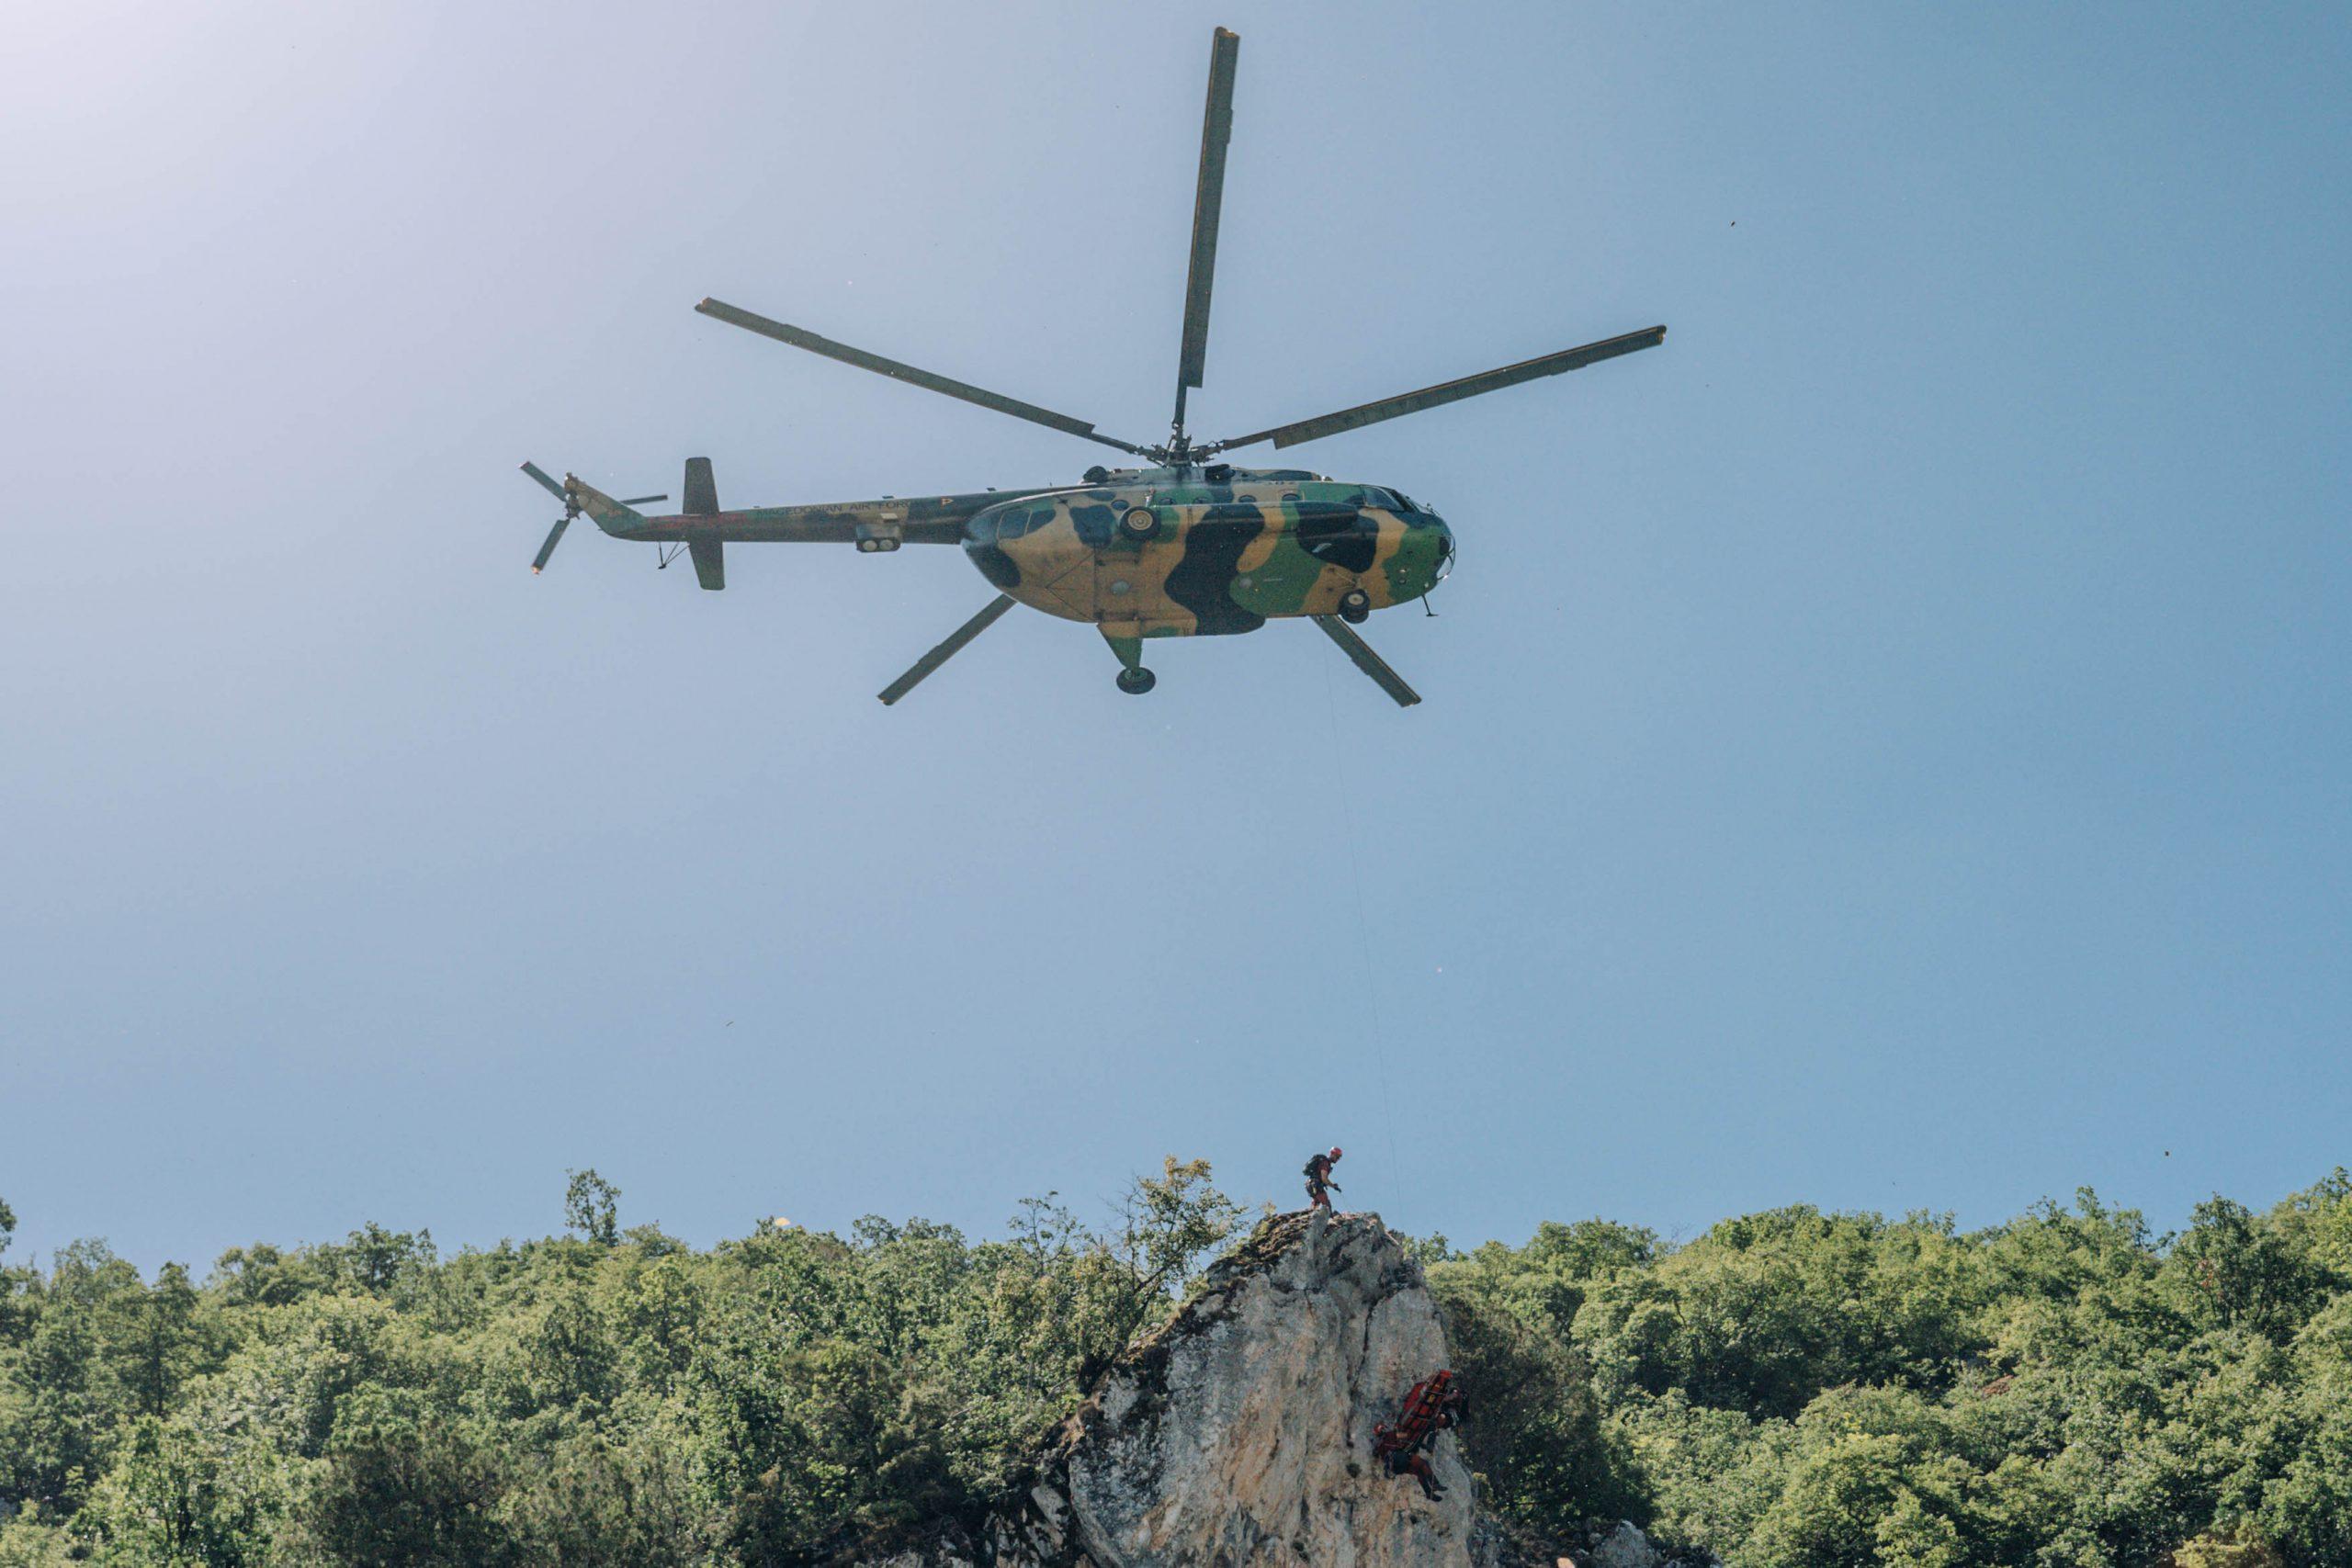 Воспоставена соработка и реализиран двонеделен тренинг со воздухопловниот ВИНГ на Армијата